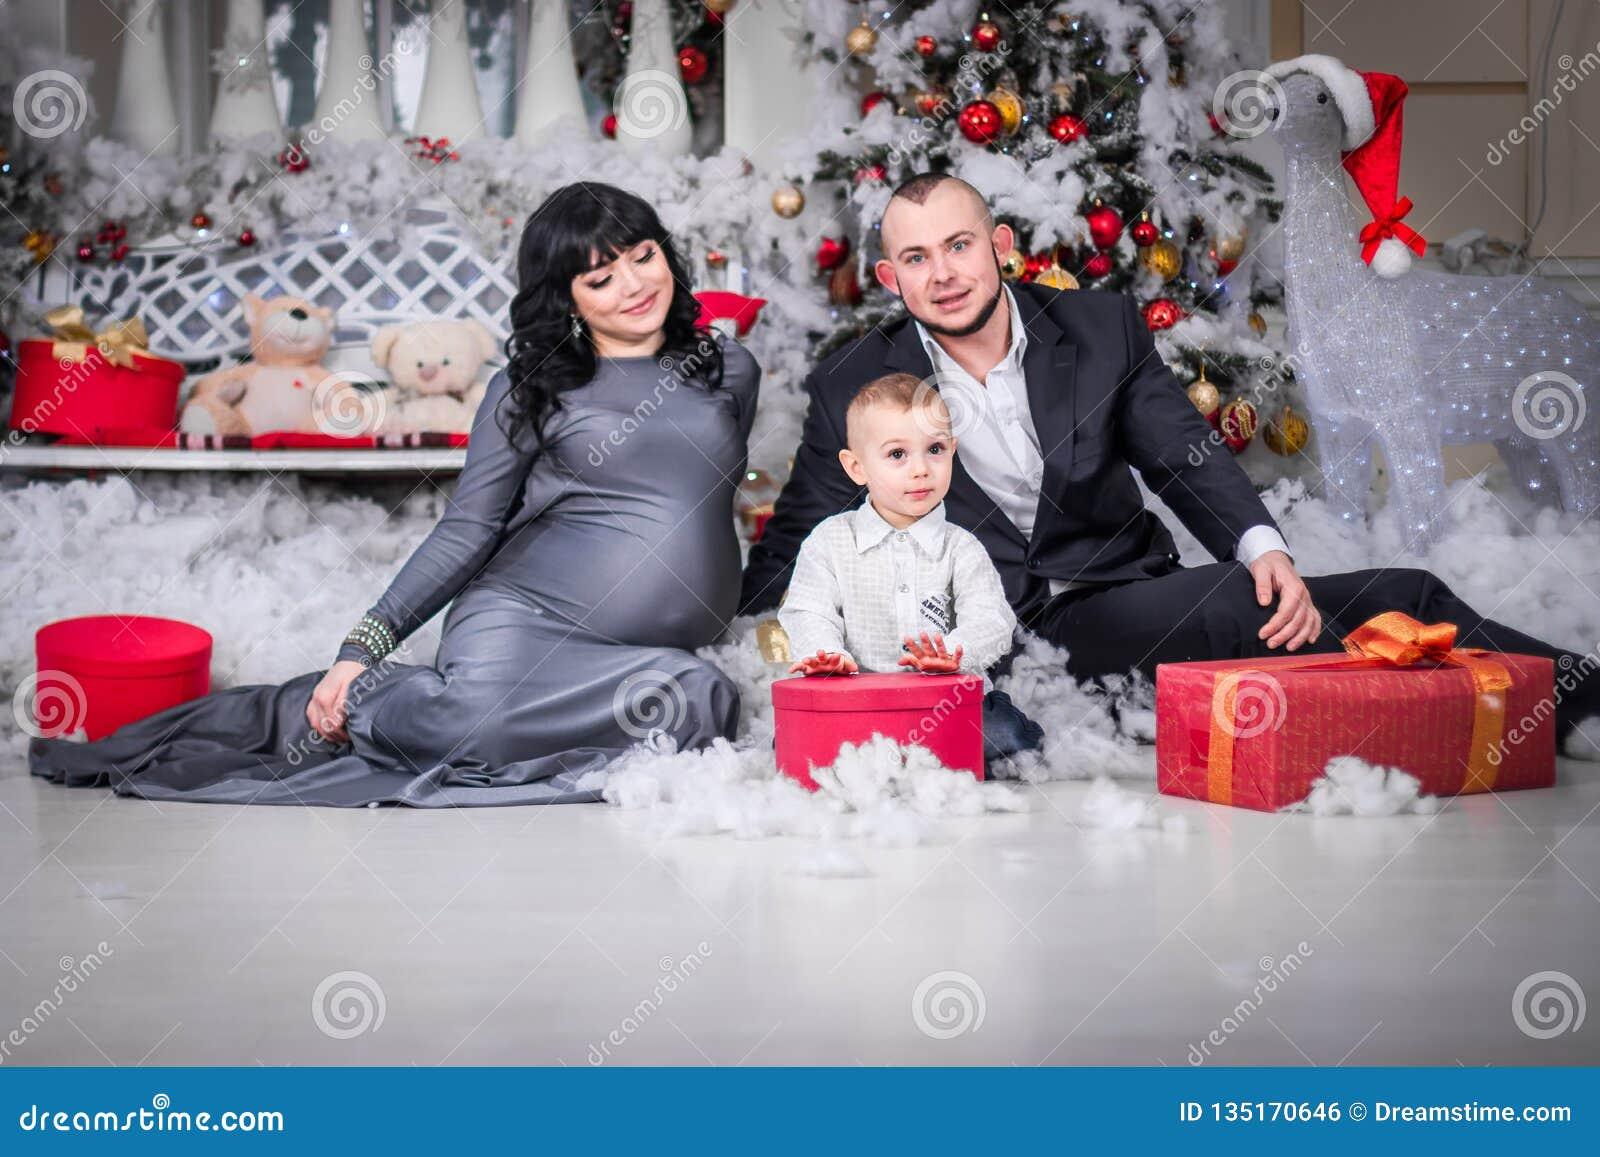 Glückliche Familie Weihnachtsoffenes Geschenk schwangerer Mutter